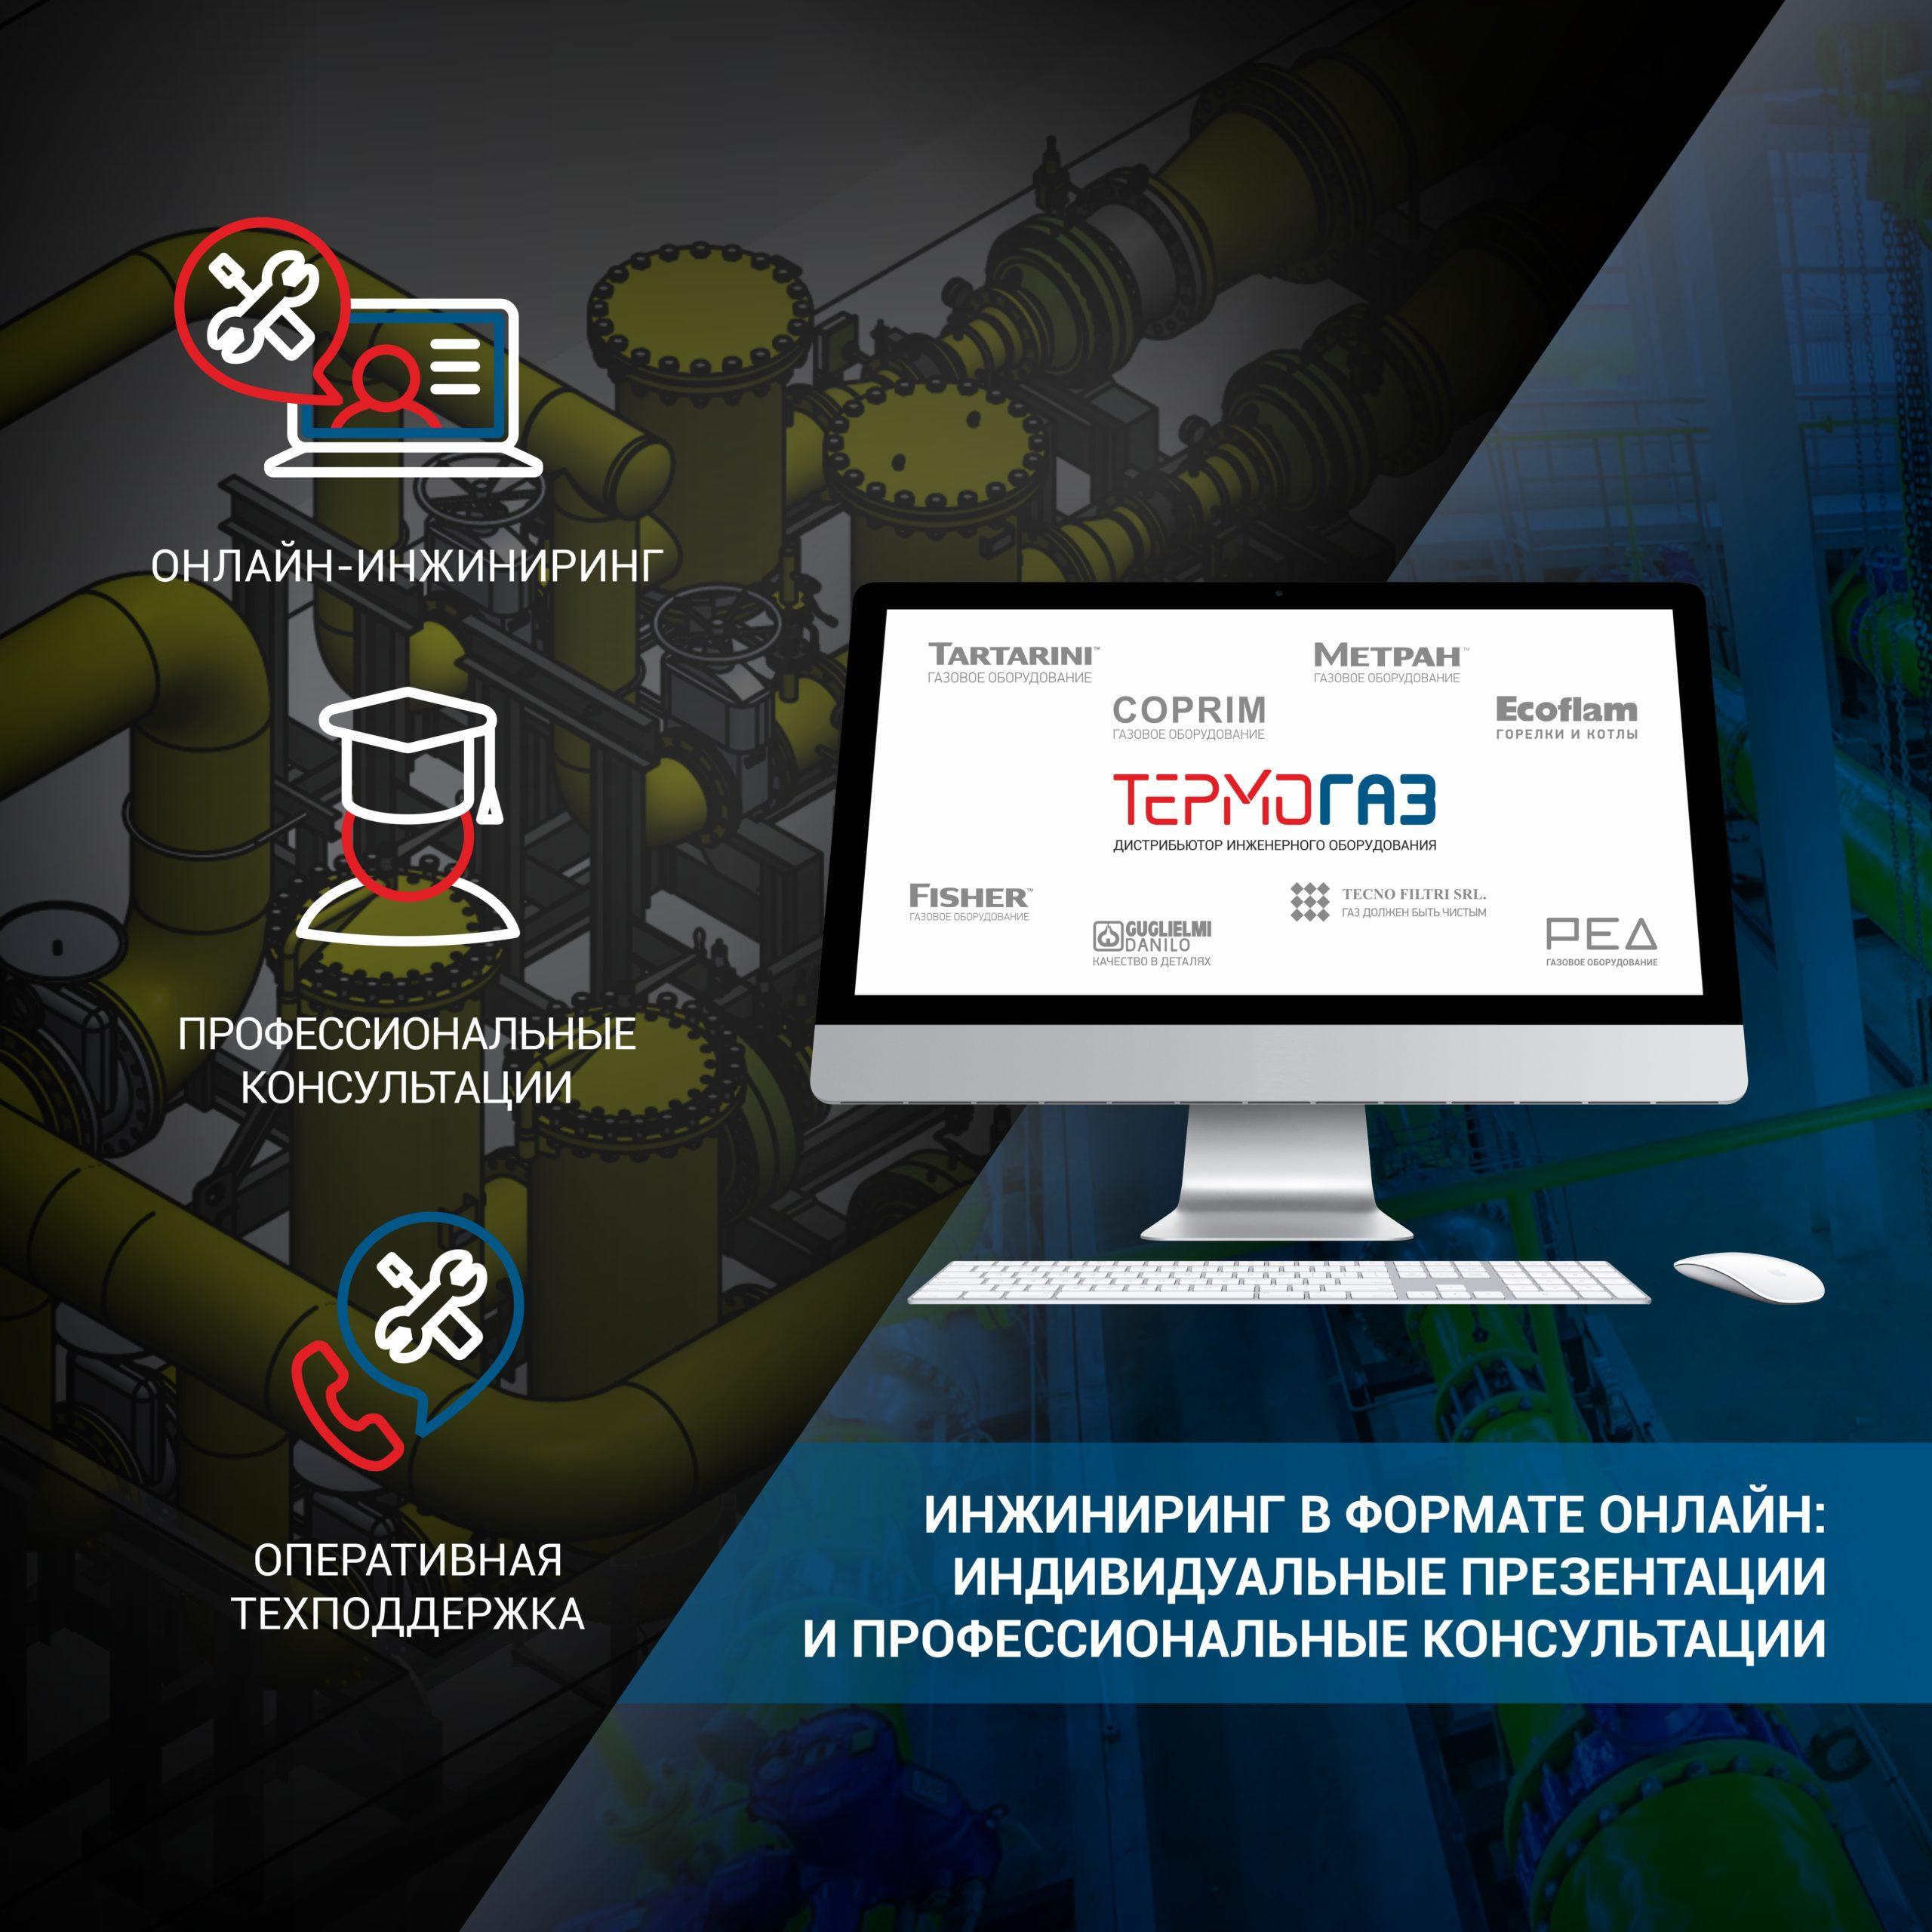 Инжиниринг в формате ОНЛАЙН: новая маркетинговая стратегия ООО «ТЕРМОГАЗ»